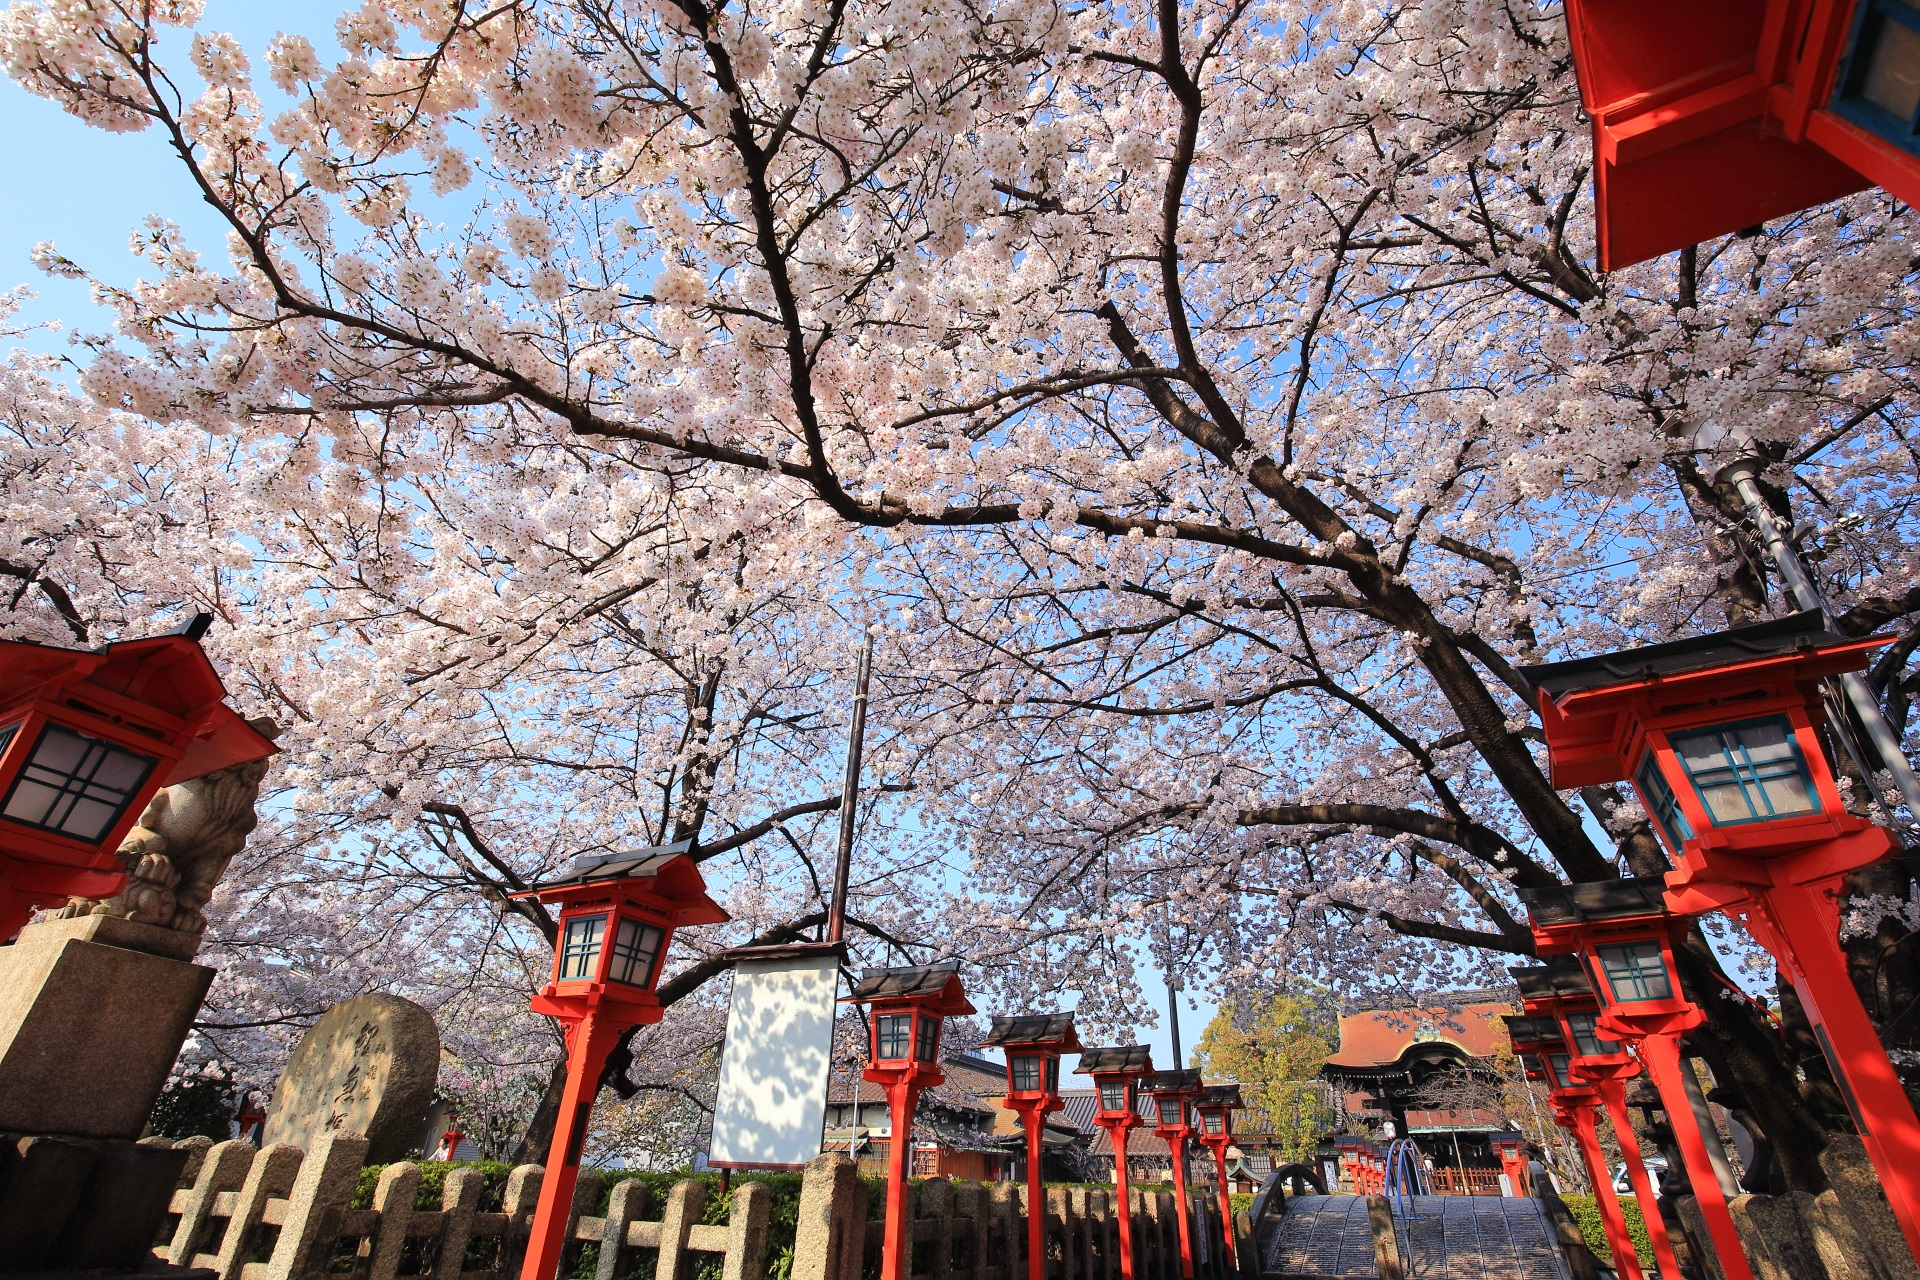 六孫王神社の唐門や本殿へ続く参道をつつむ桜